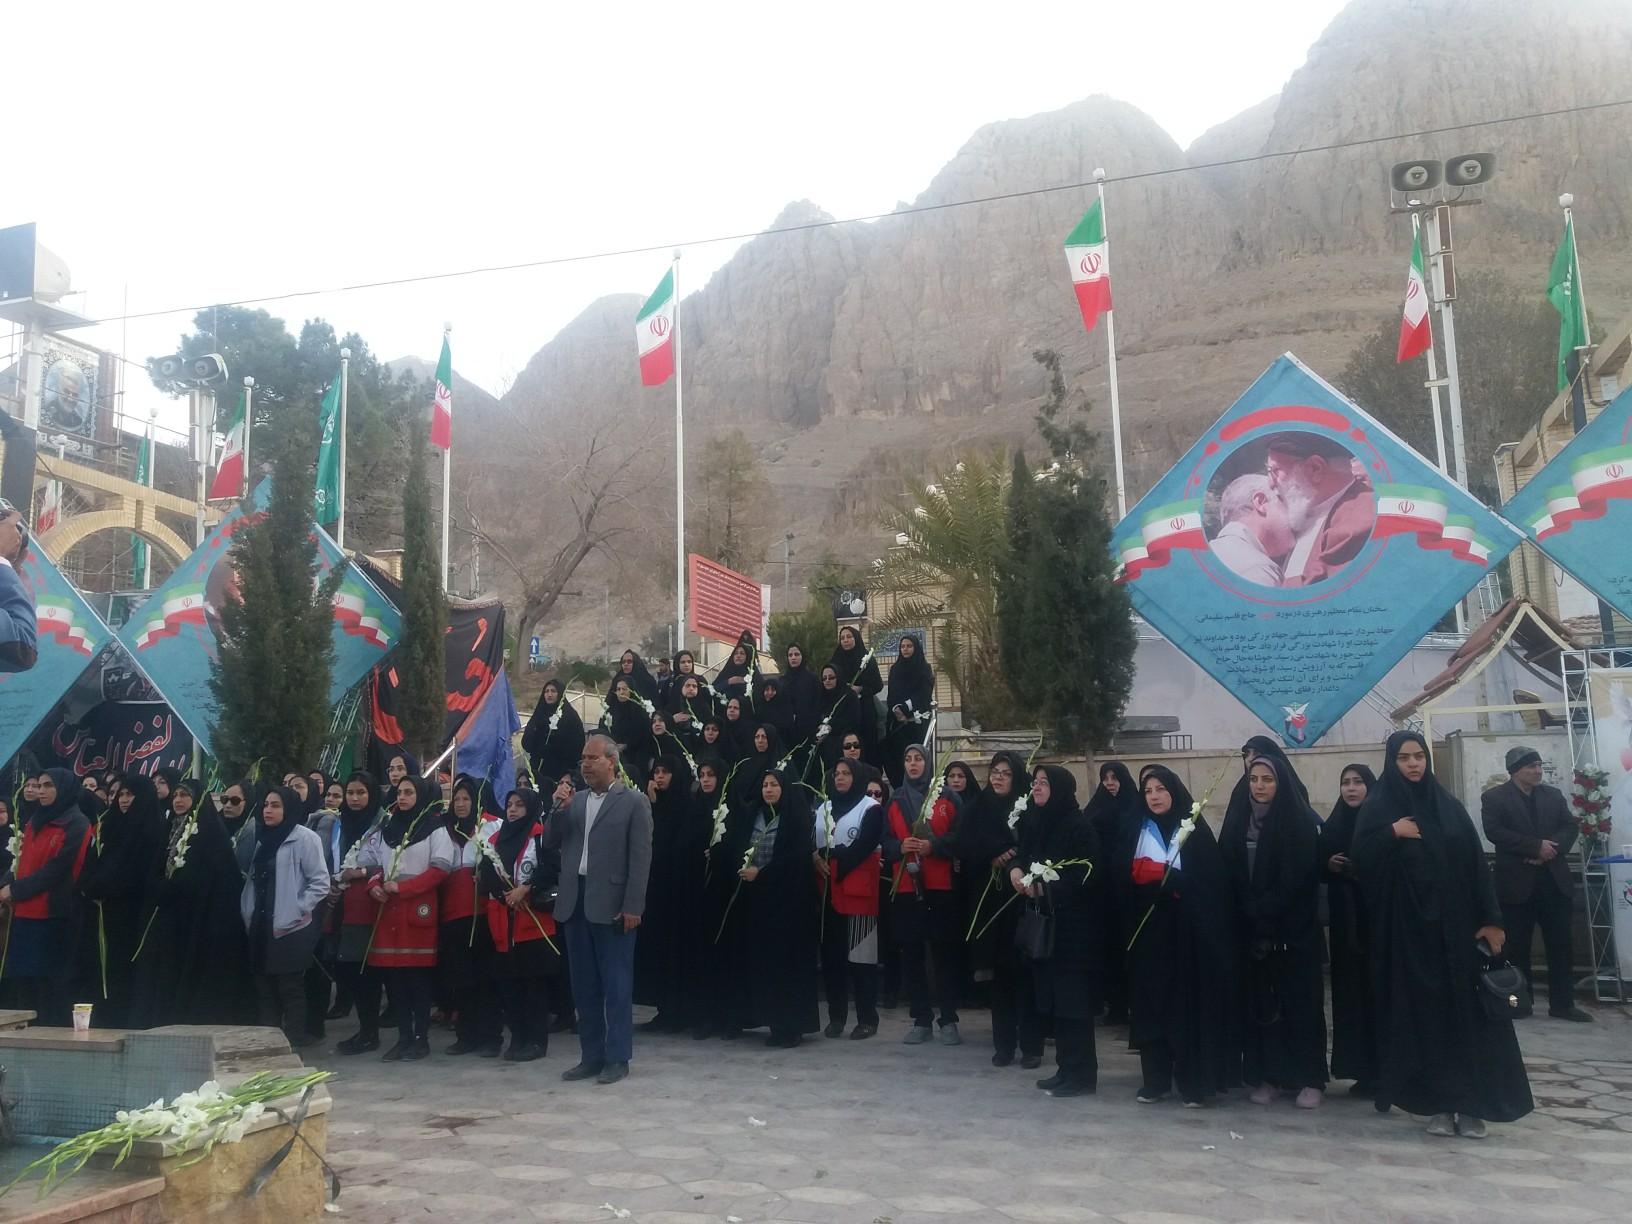 آغاز هفته بانوان با حضور بانوان در گلزار شهدای کرمان